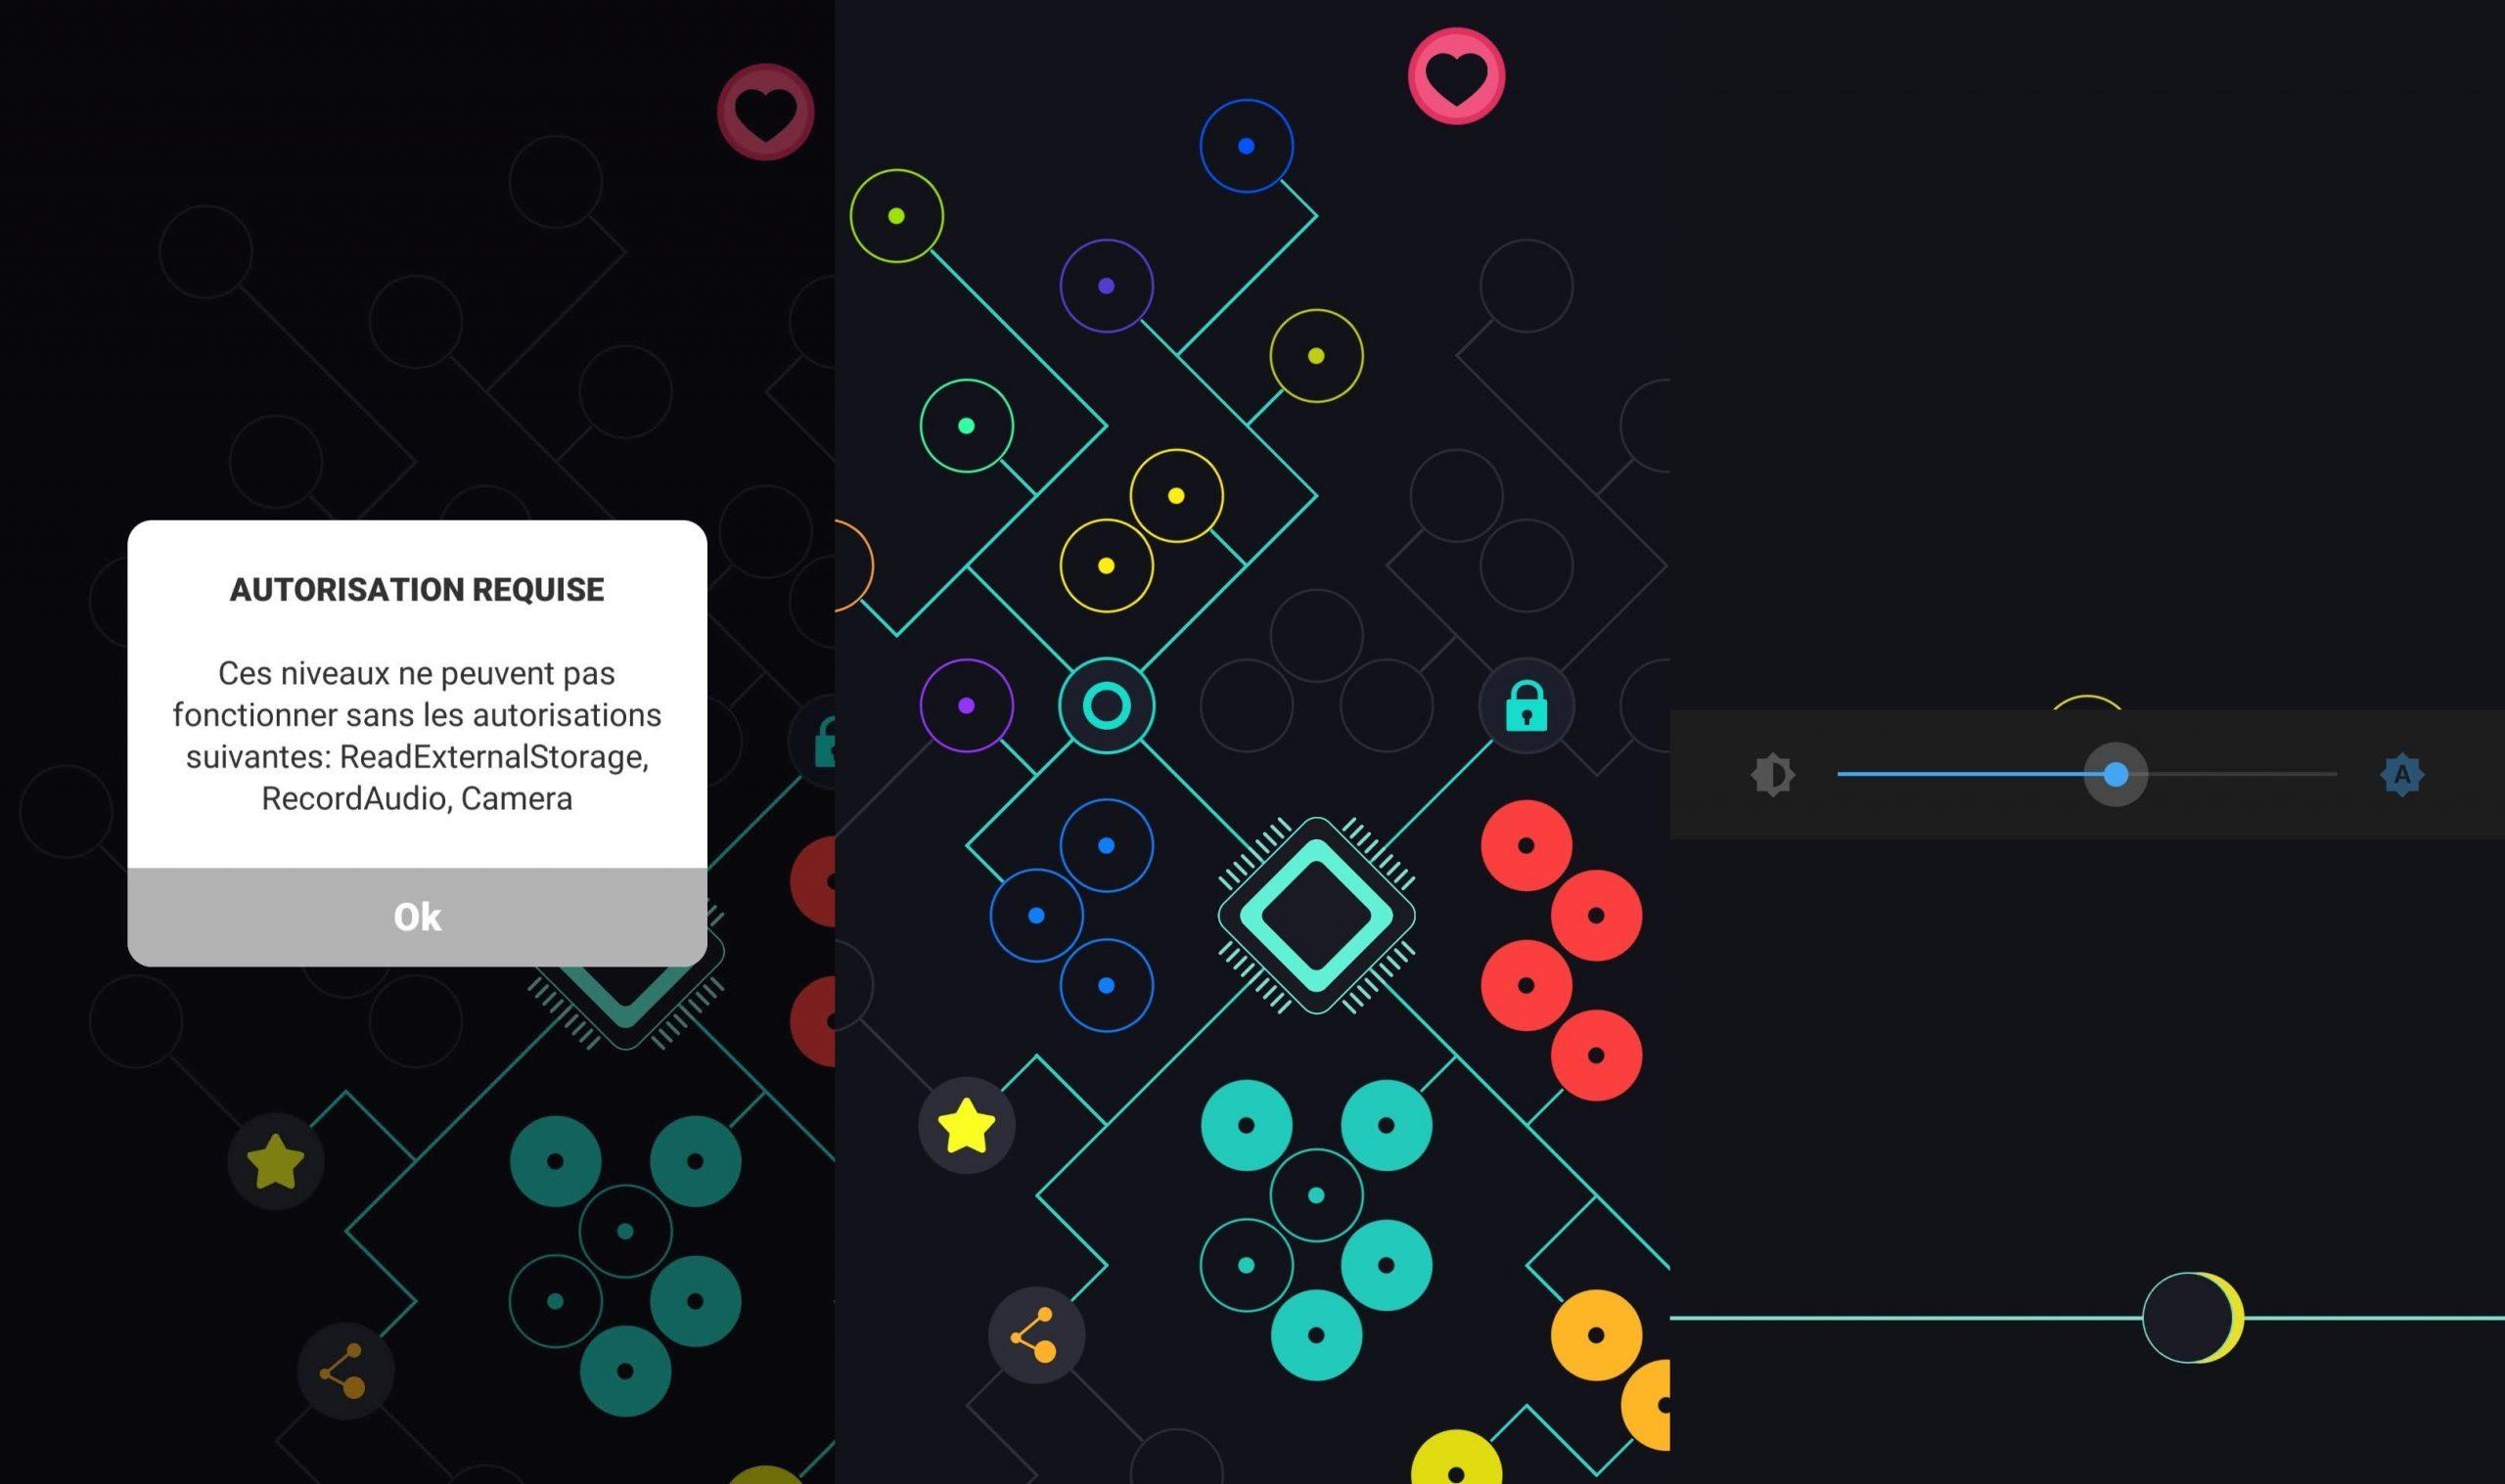 Les Meilleurs Jeux De Réflexion Gratuits Sur Android, Iphone encequiconcerne Puzzle Gratuit A Telecharger Pour Tablette